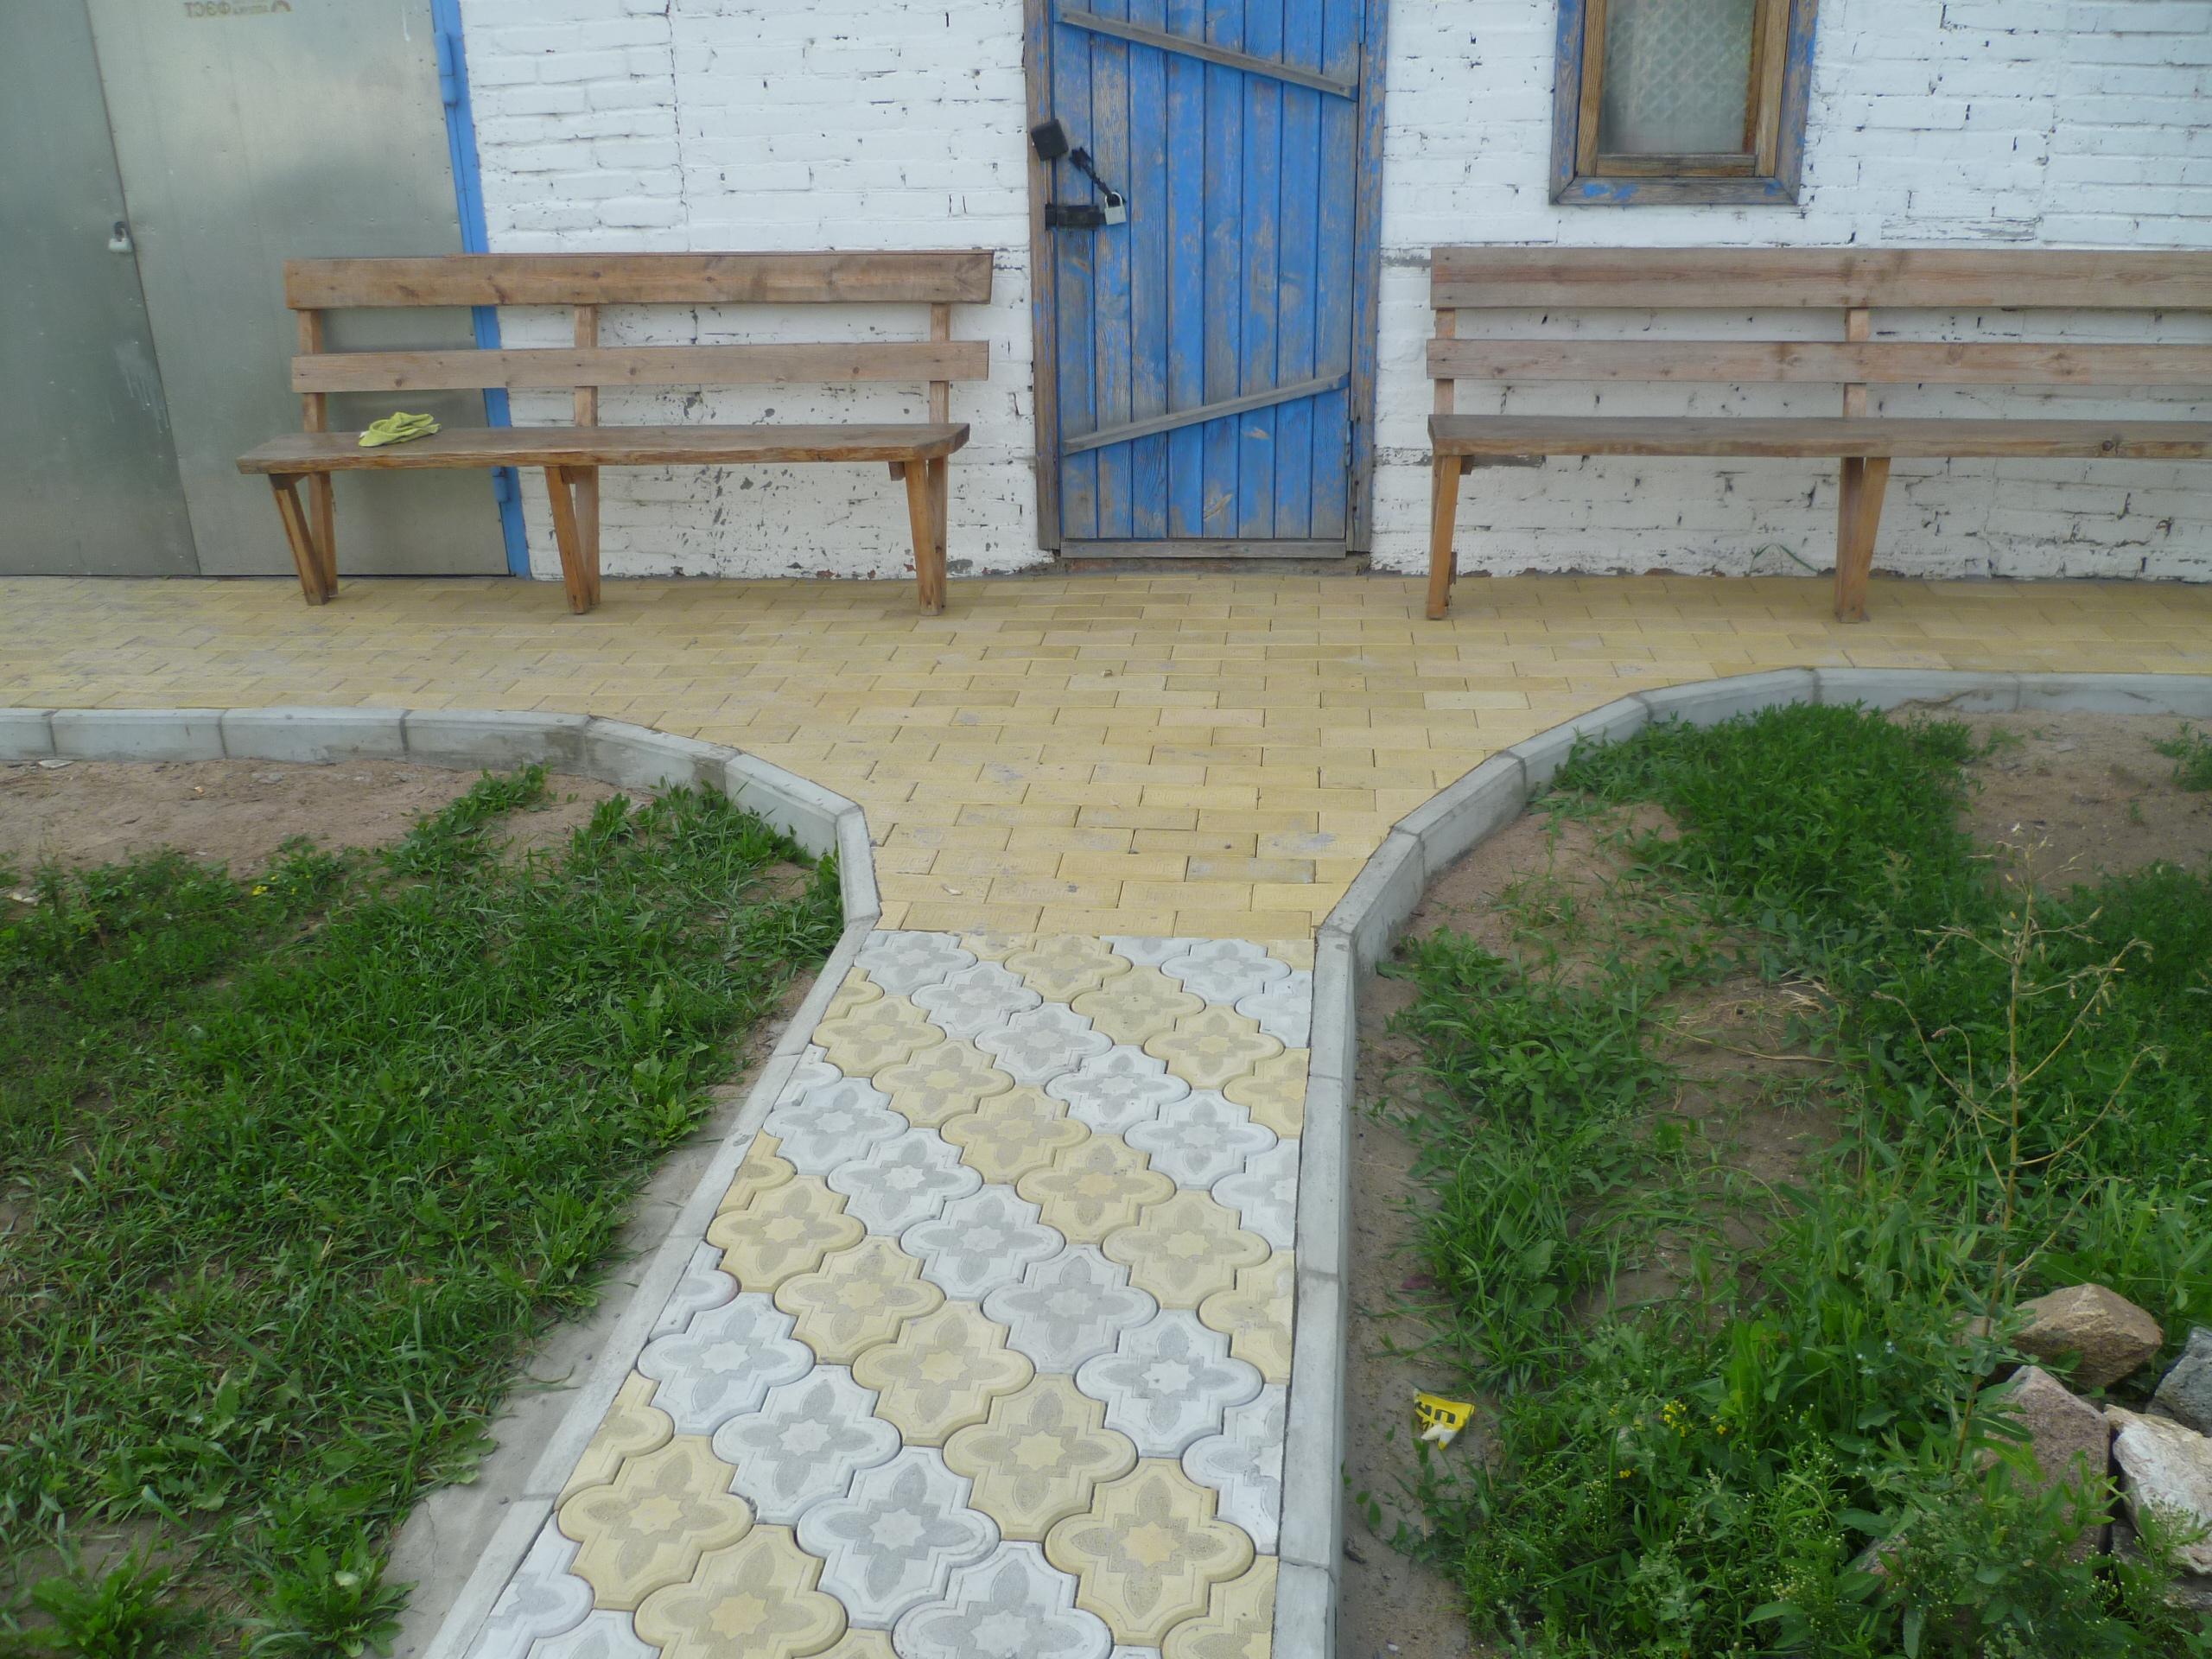 http://plitka-omsk55.ru/images/upload/P1020600.JPG